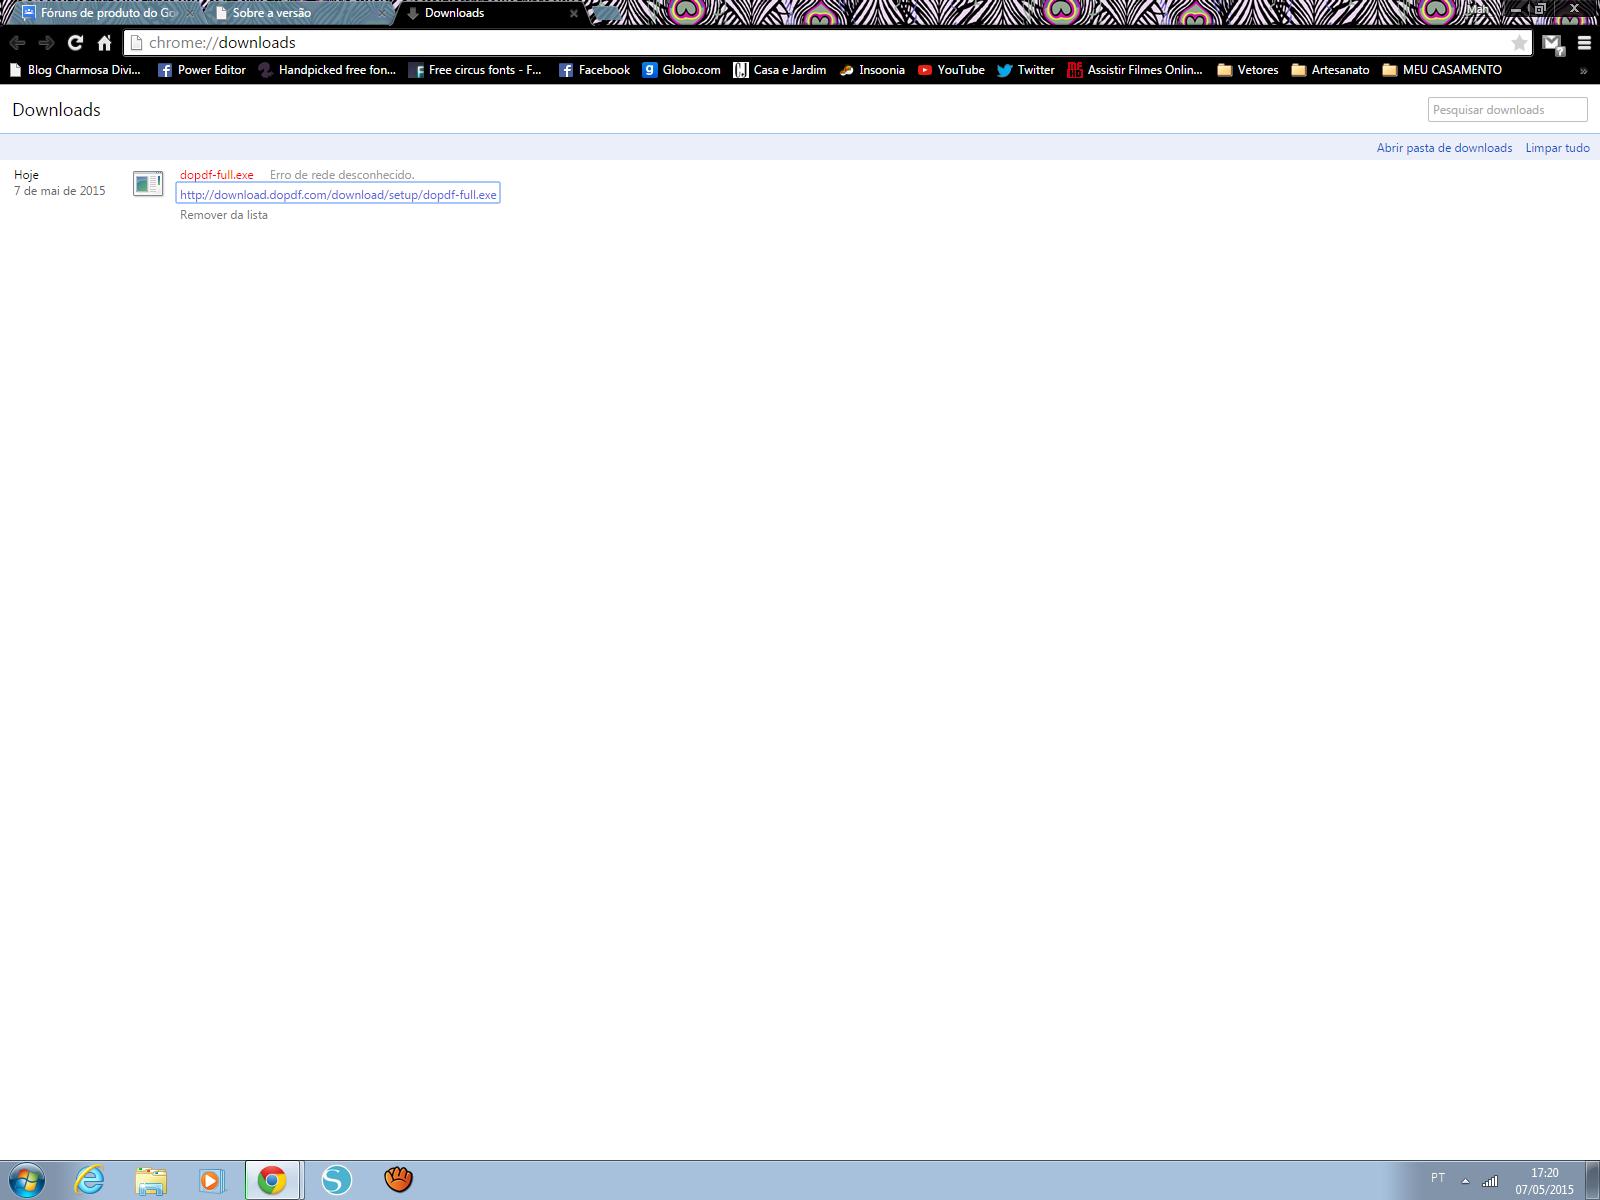 erro de rede desconhecido google chrome